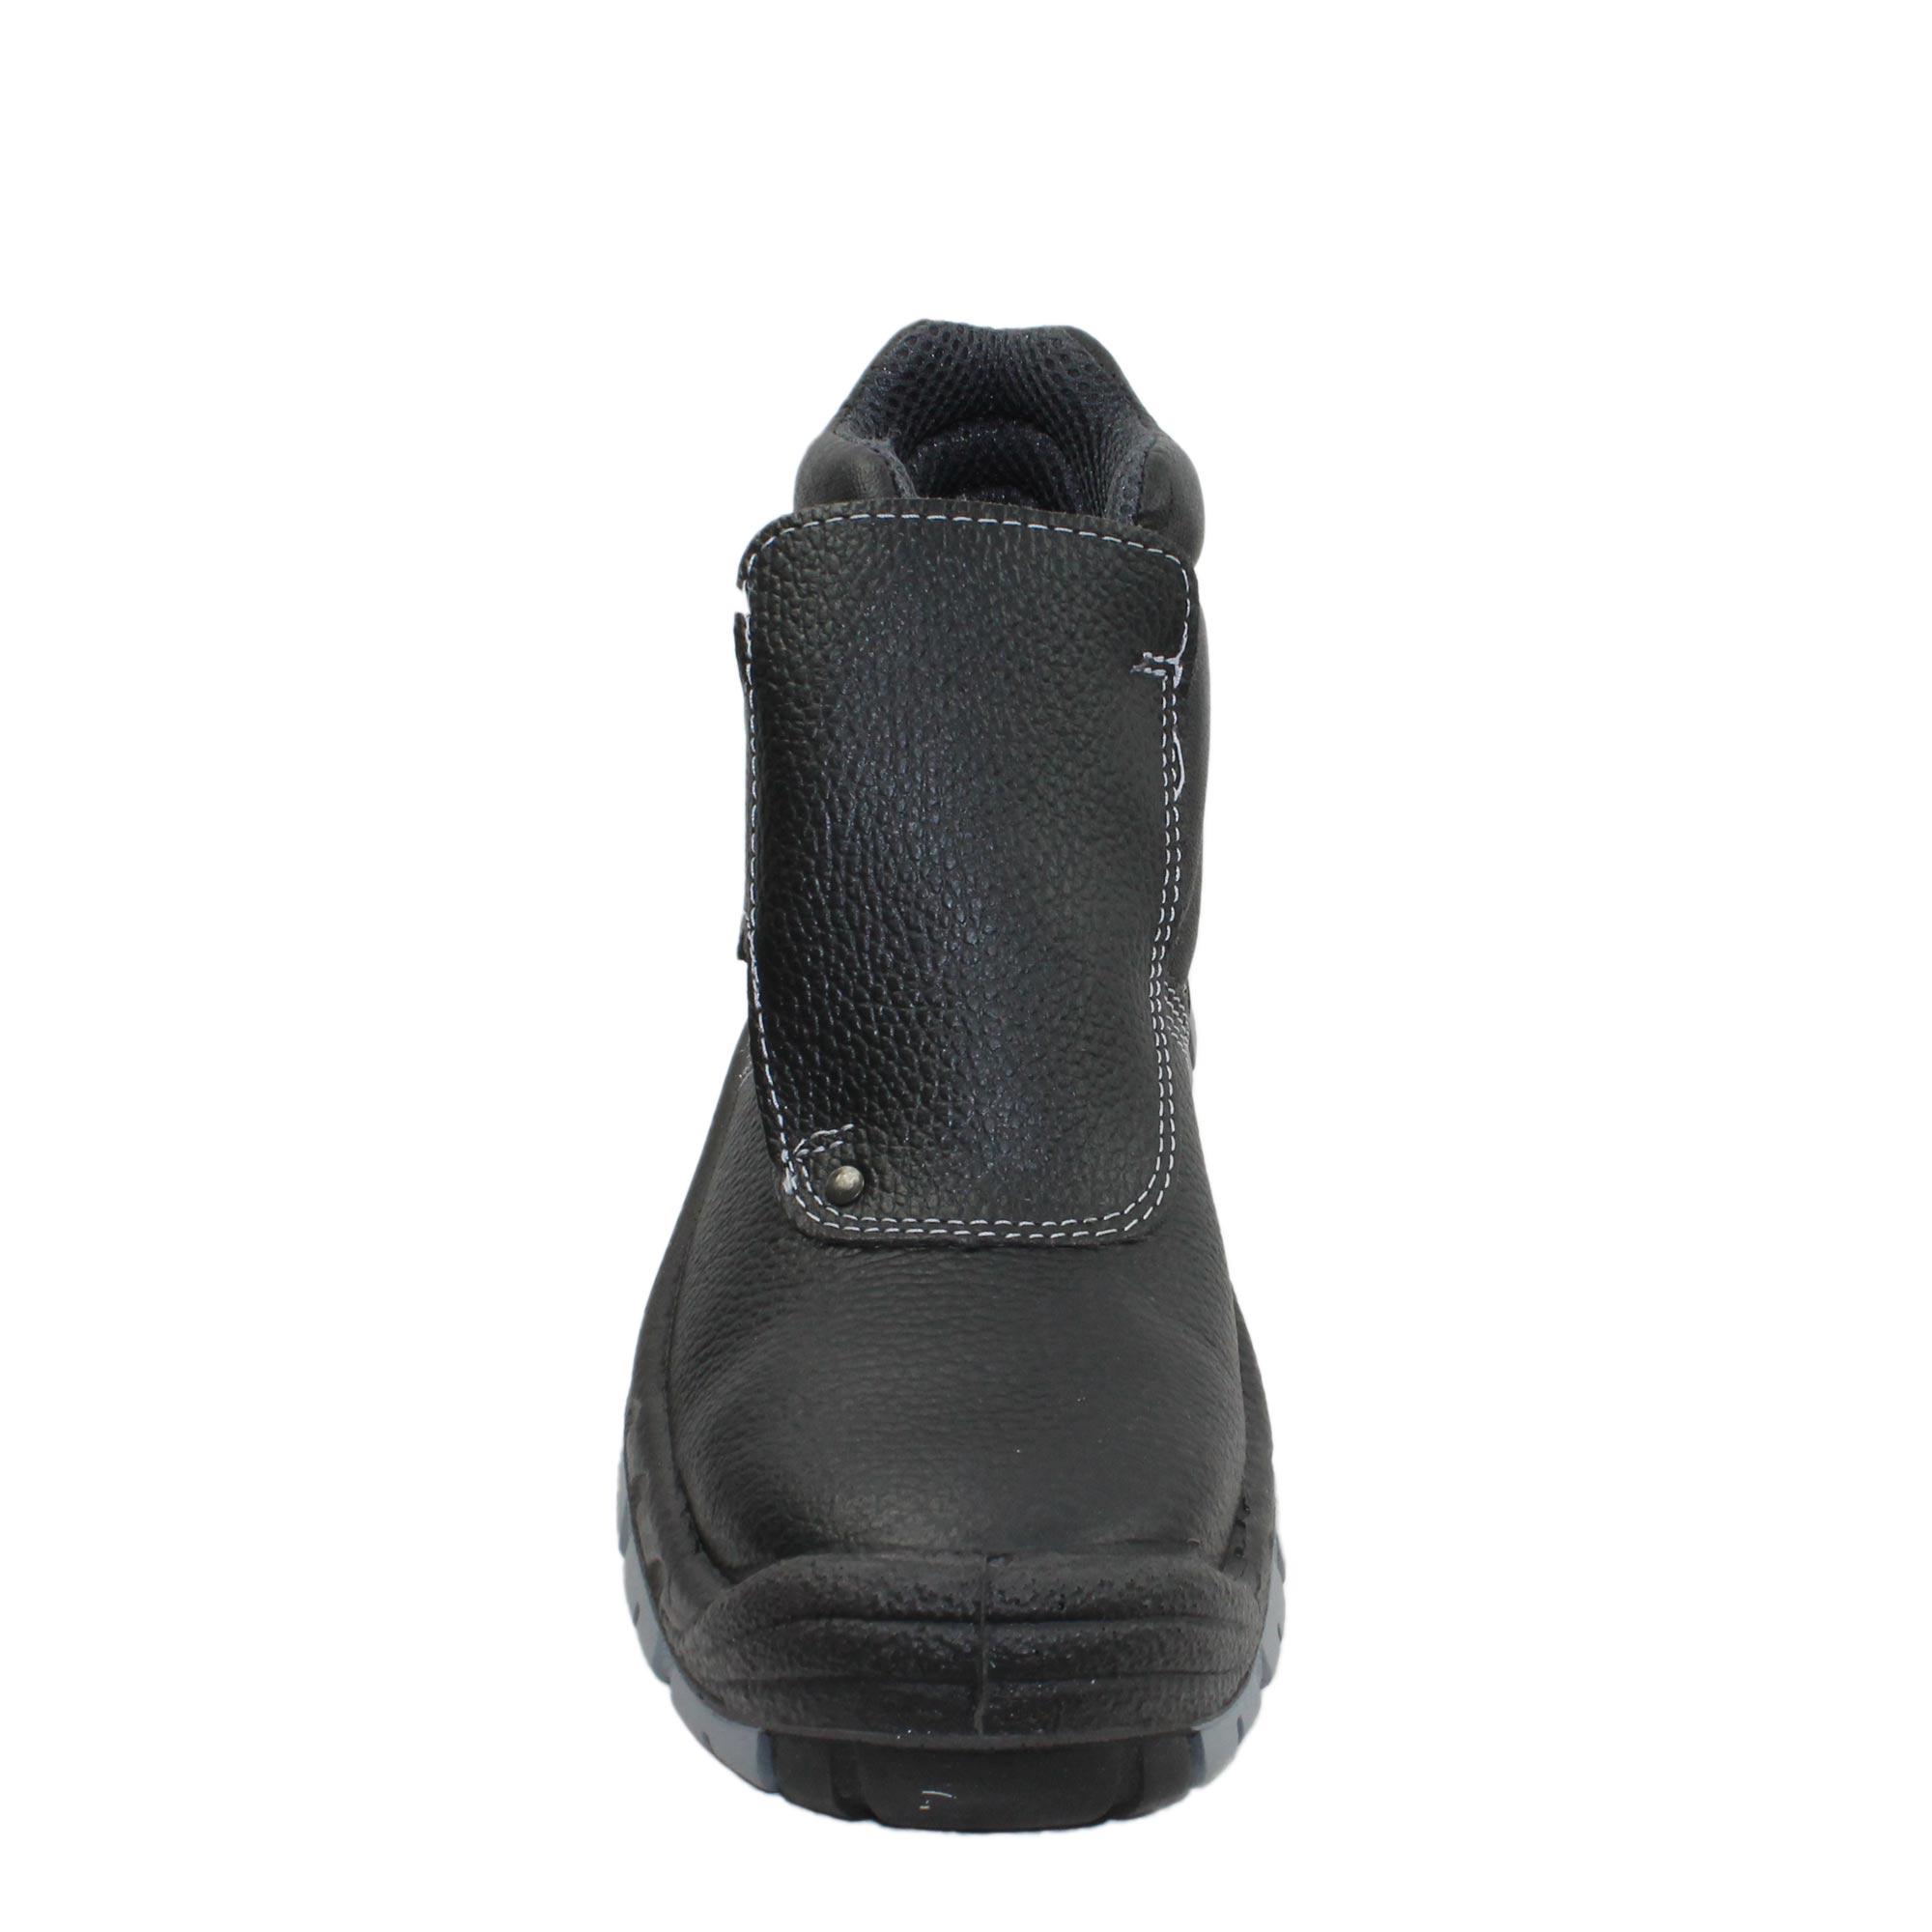 Est-ce que les chaussures de sécurité pour femme sont obligatoires?